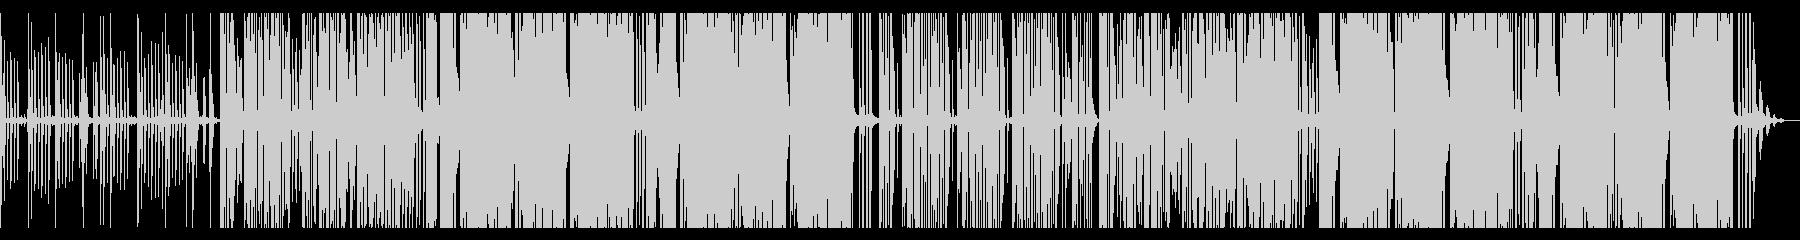 カワイイフューチャーベース風。の未再生の波形